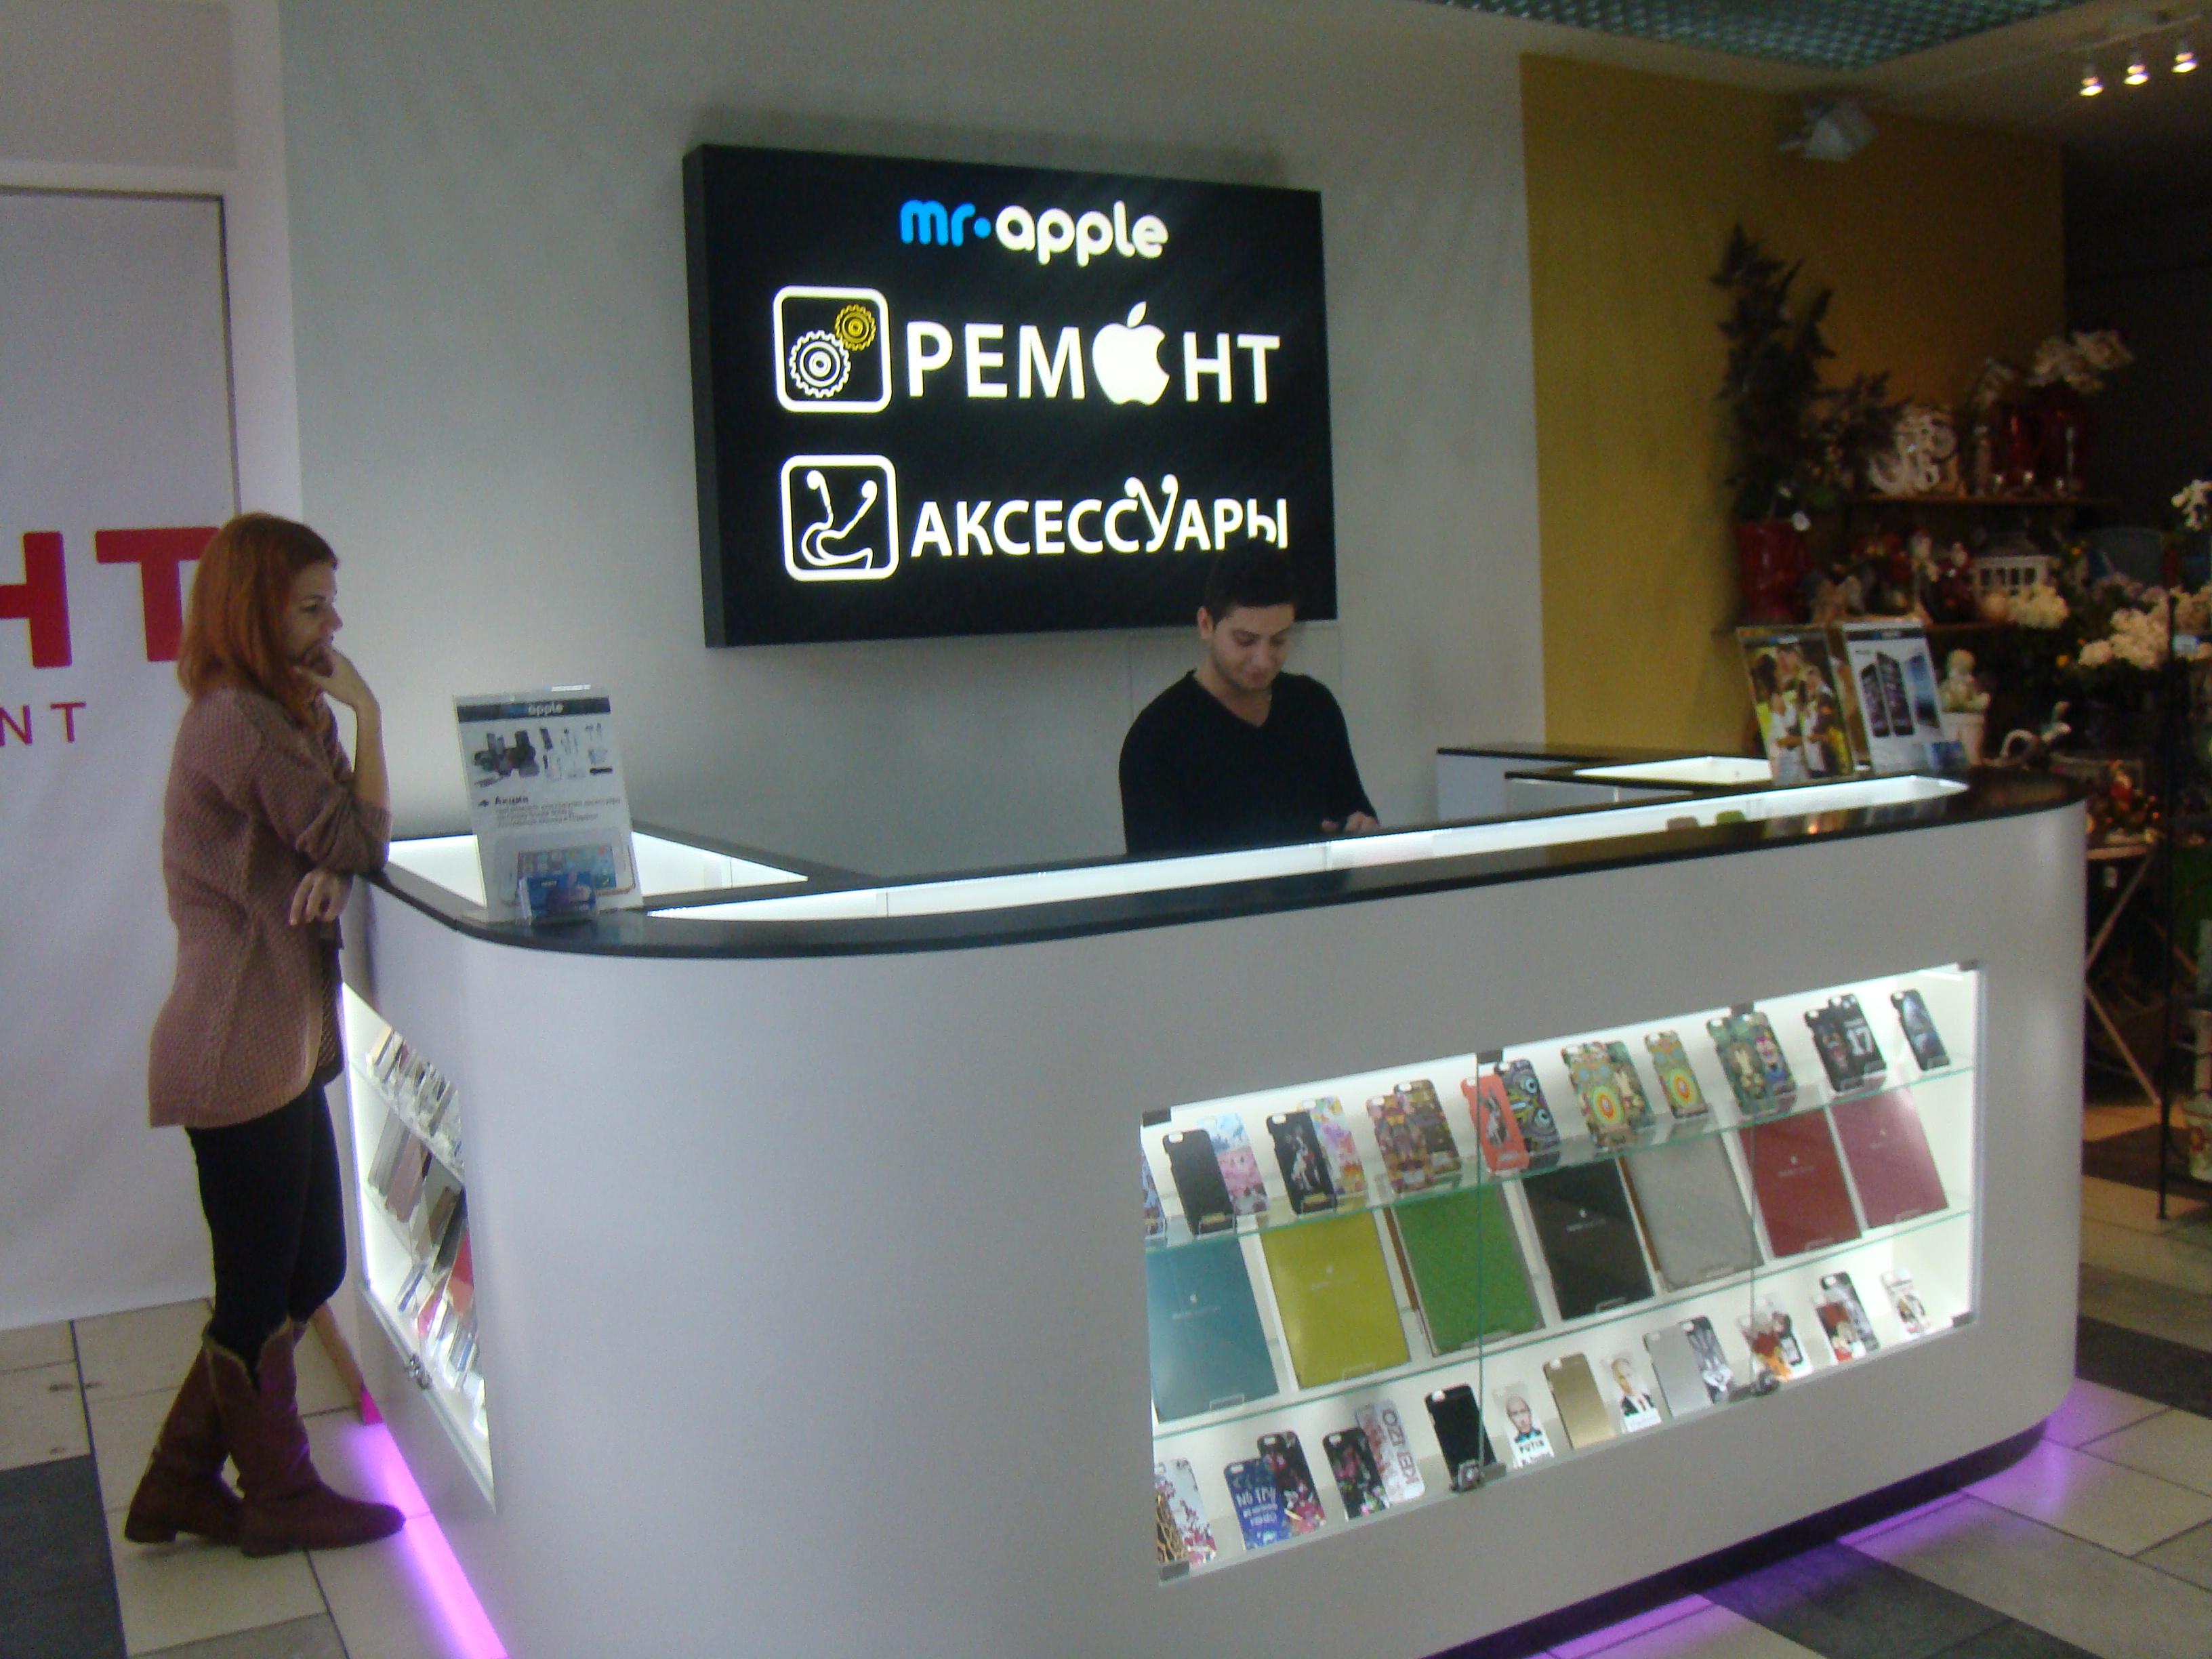 На первом этаже Торгового центра «Вертикаль» открылся пункт ремонта и продаж техники компании Apple «Mr-Apple».